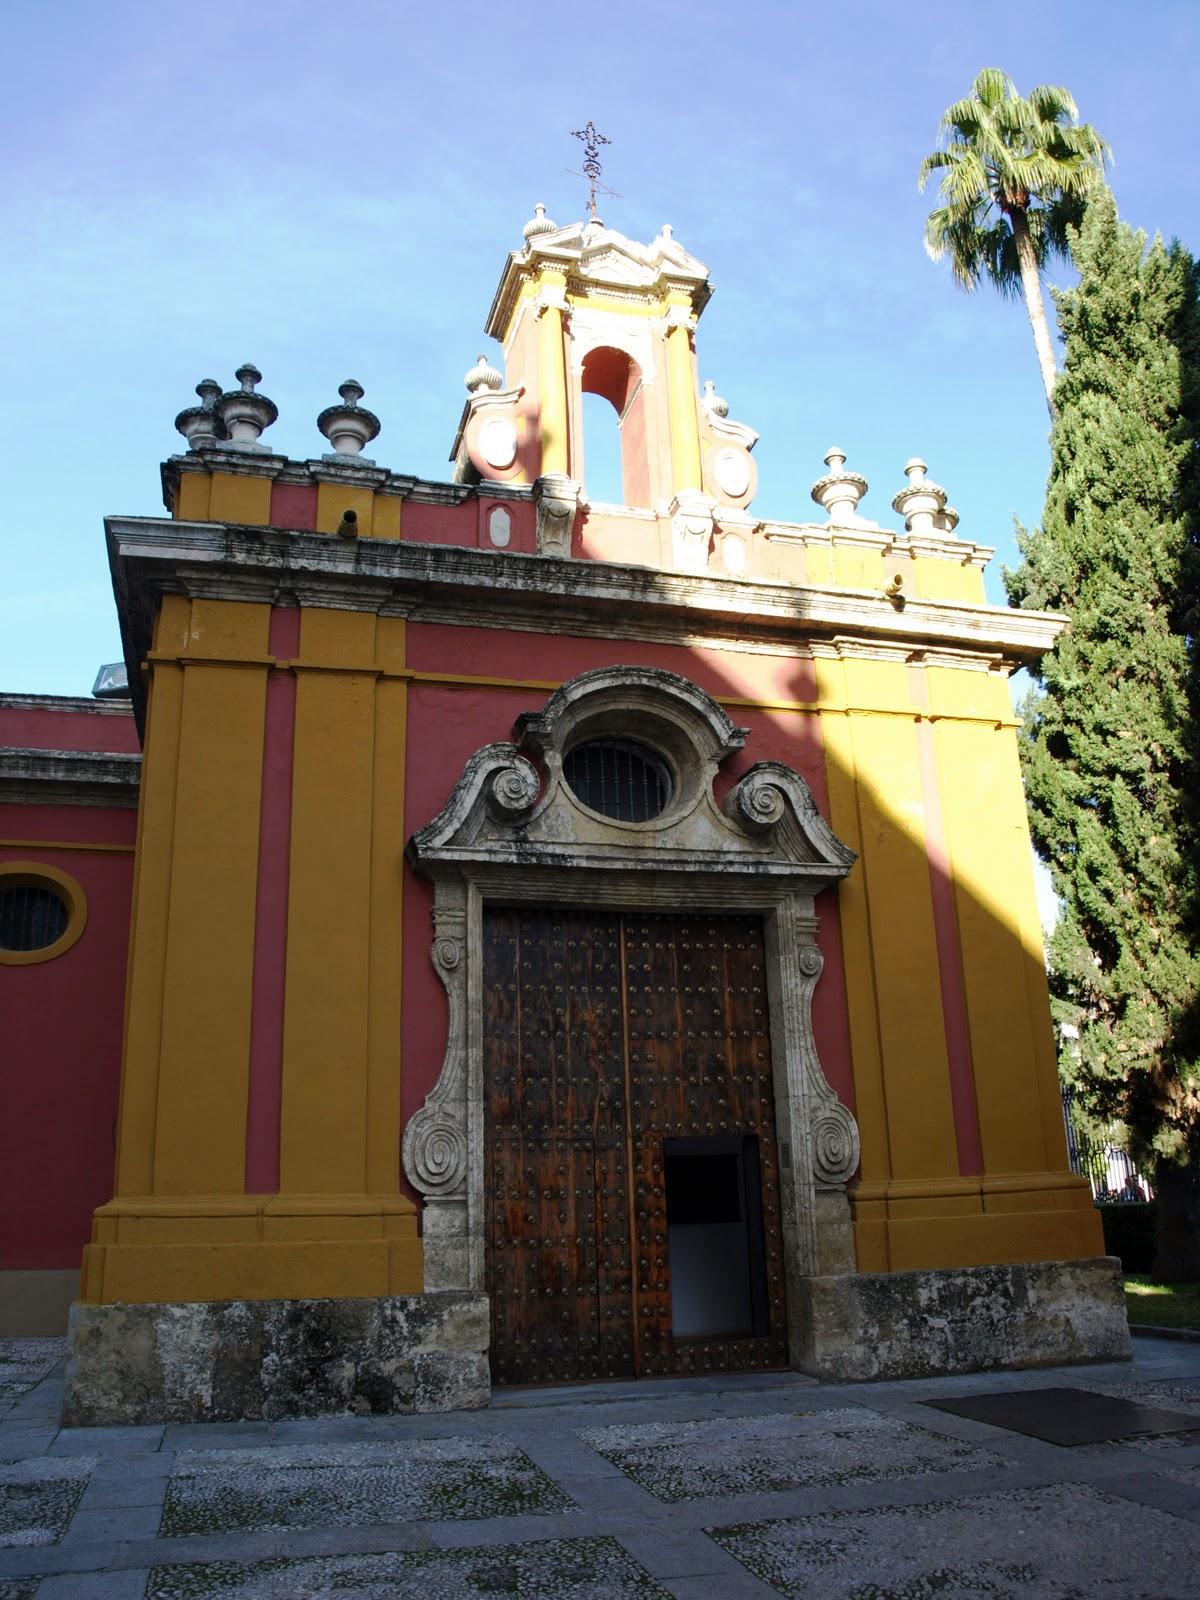 Sevilla daily photo la c rcel de la fabrica de tabacos for La fabrica del mueble sevilla